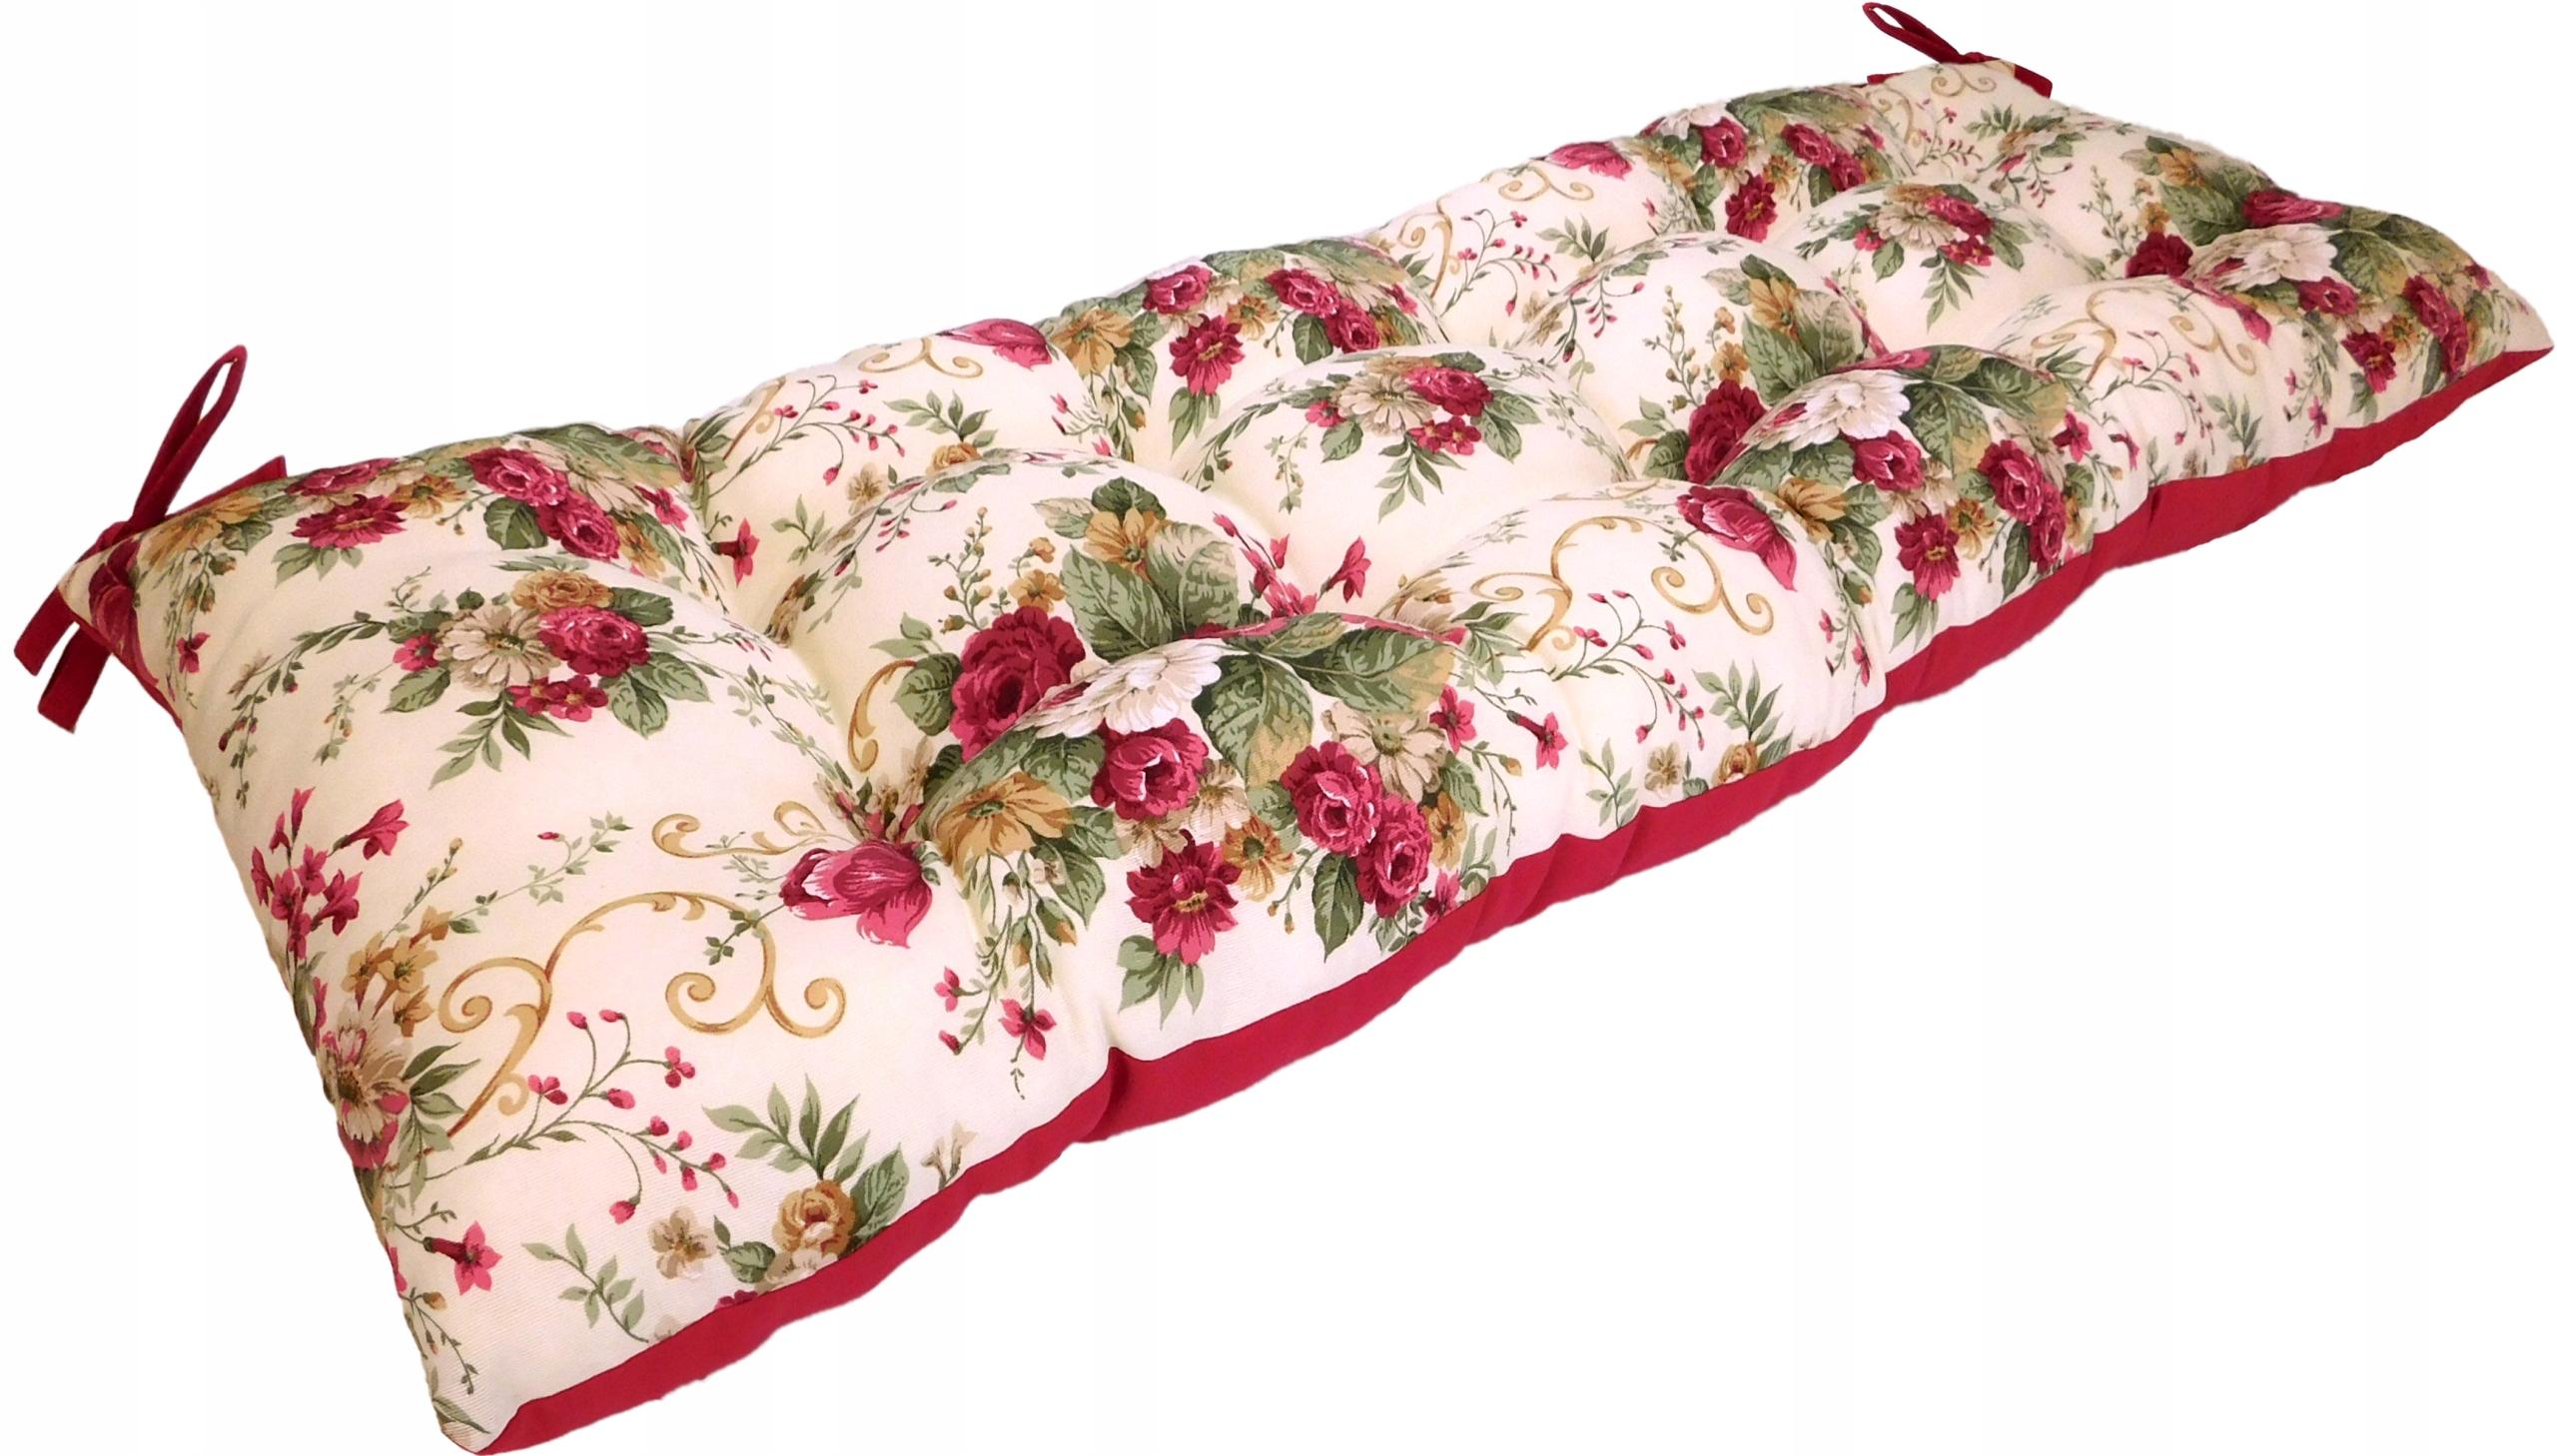 Poduszka na ławkę huśtawkę palety ogrodowa 120x40